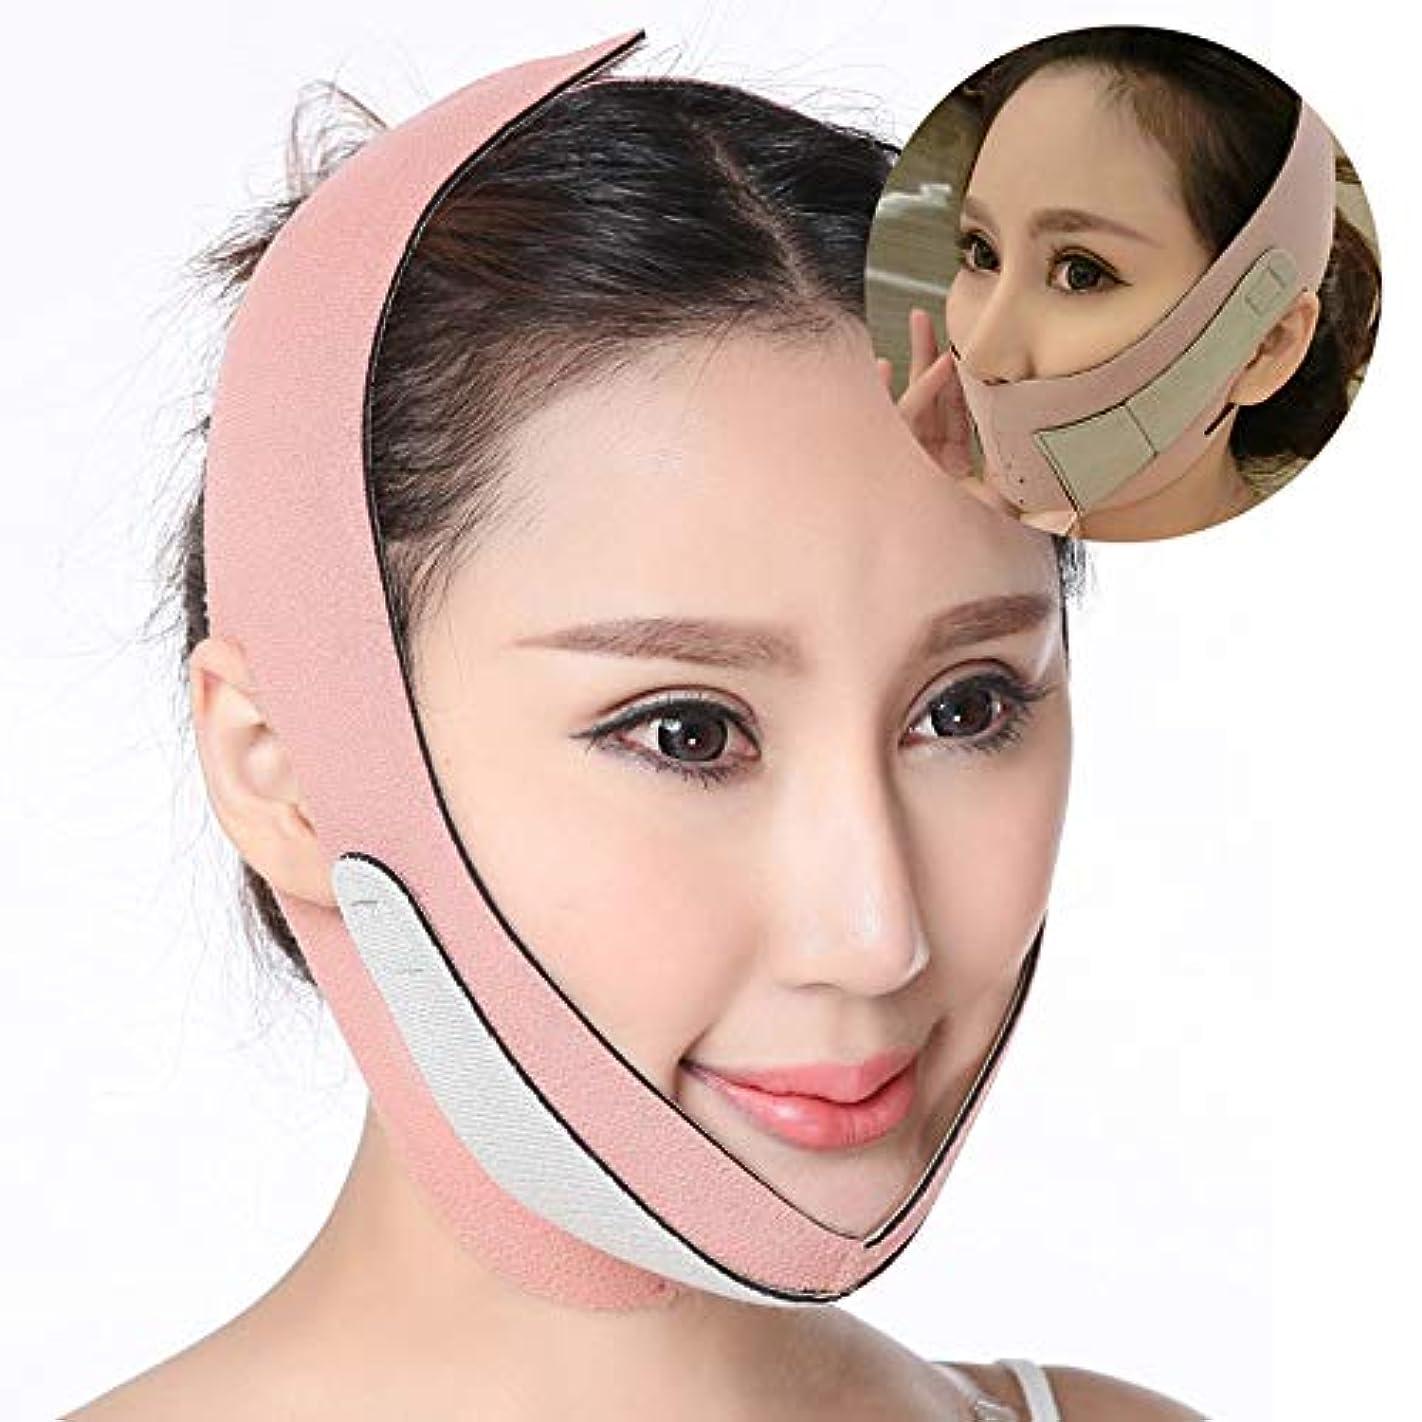 お母さん履歴書ガラガラVフェイスラインベルトチンチークスリムリフトアップアンチリンクルは、超薄型マスクストラップバンドVフェイスラインのベルトストラップ通気性のフェイススリミング包帯マスク